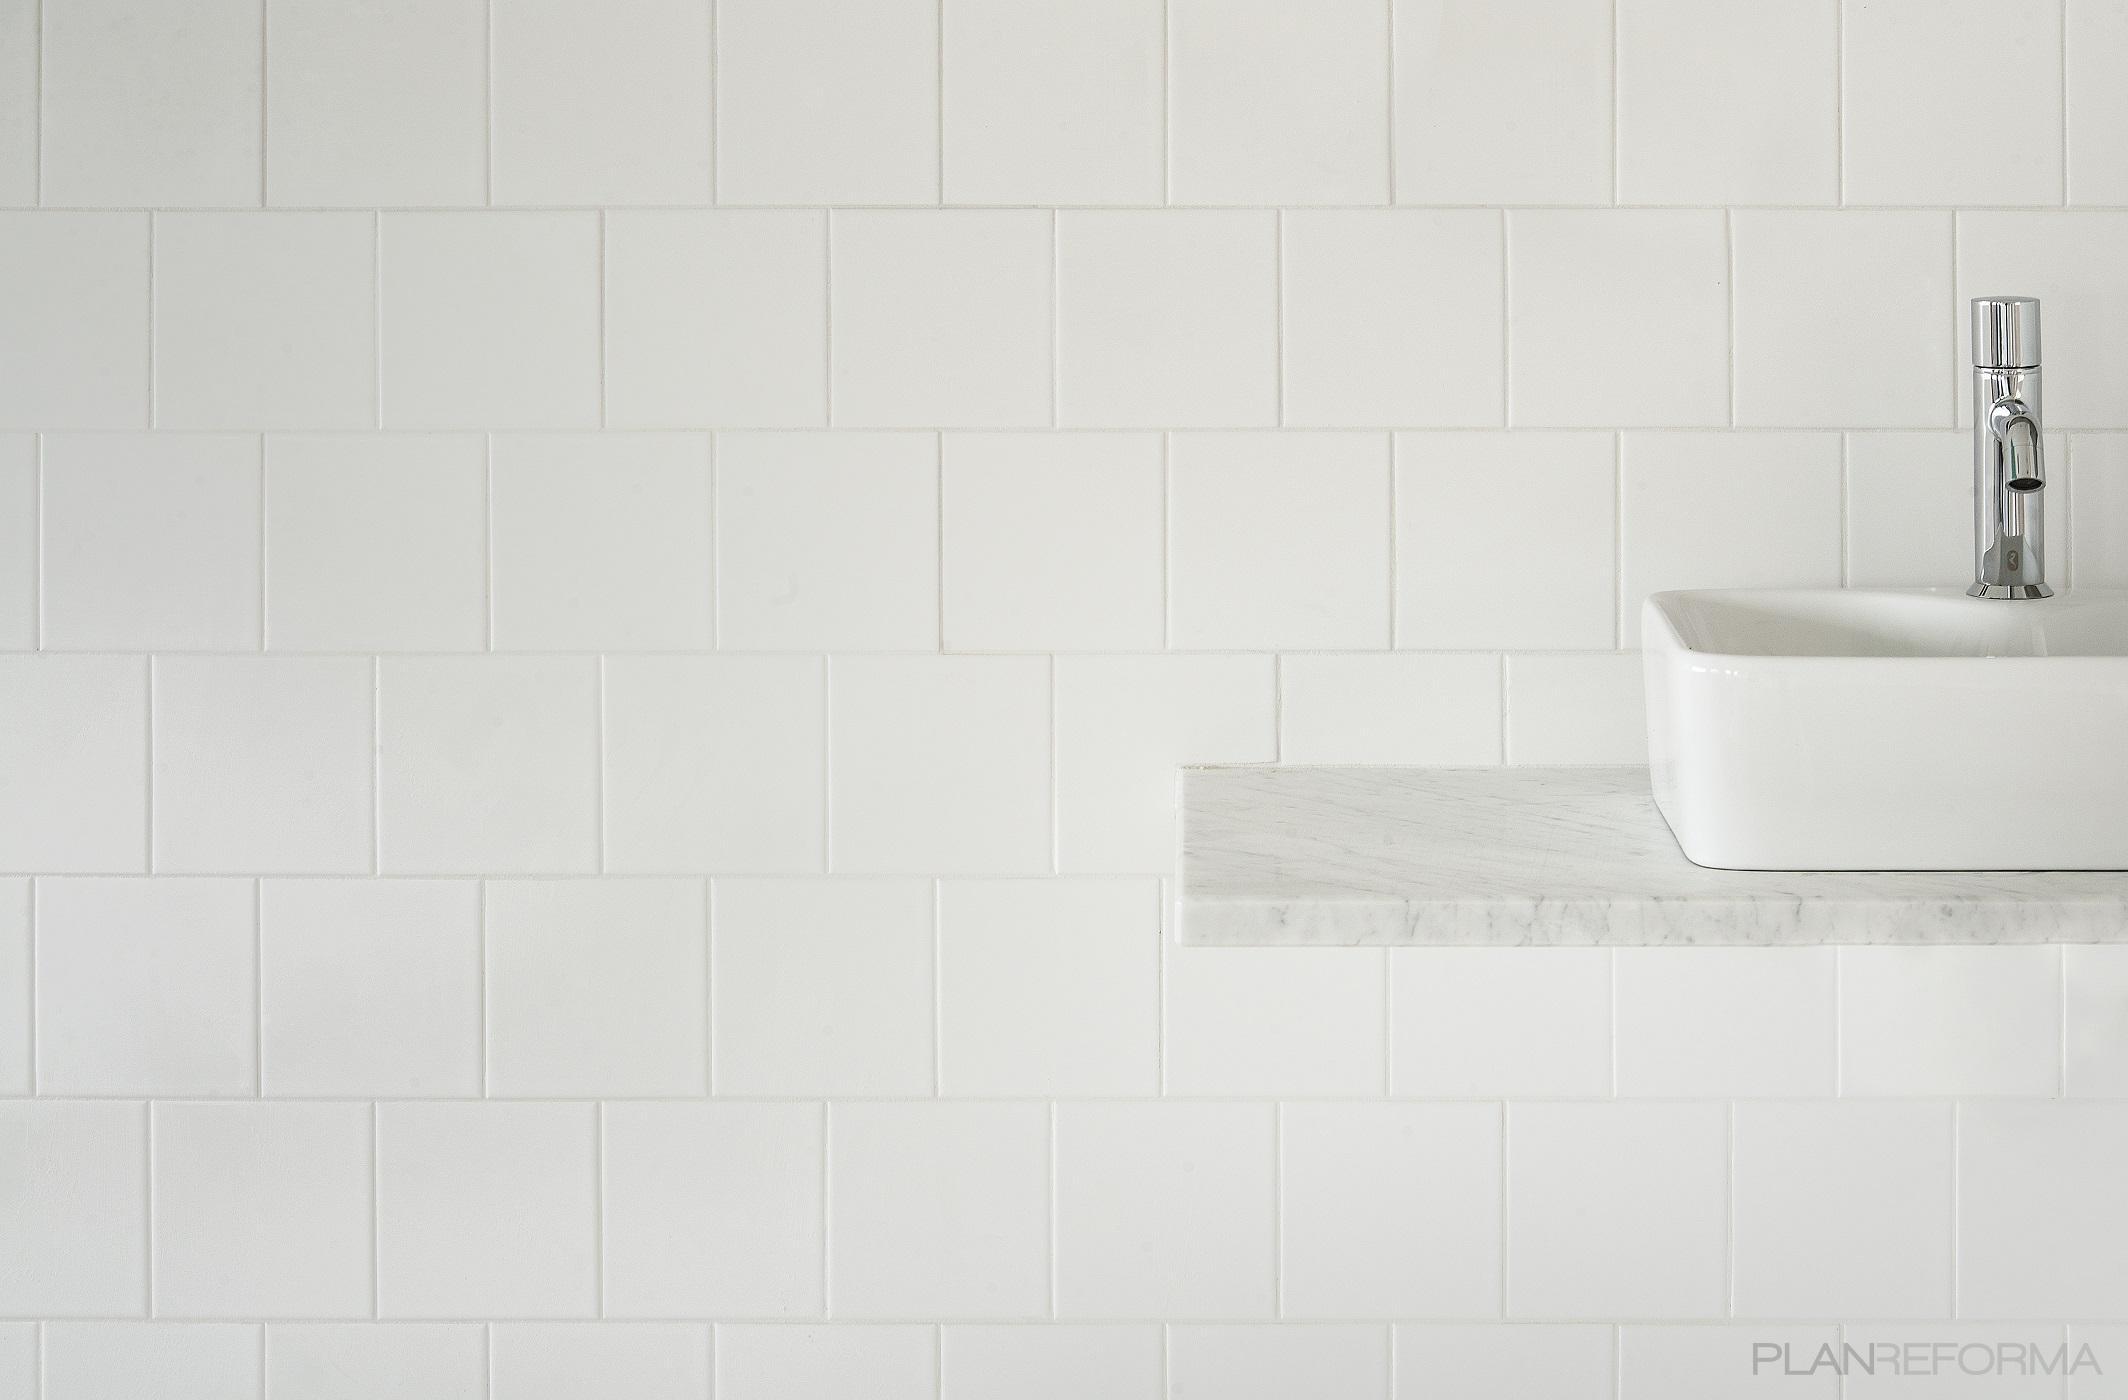 Baño Estilo contemporaneo Color blanco  diseñado por geert-hugo clarysse | Interiorista | Copyright gh